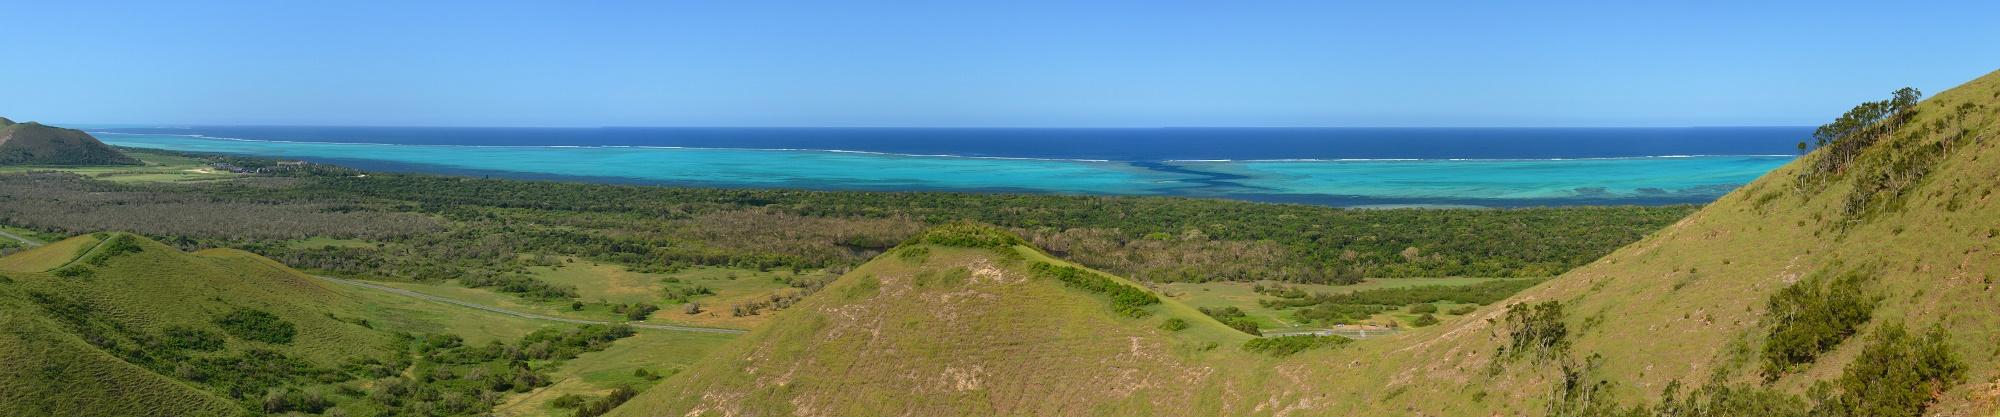 21 - Barrière de corail